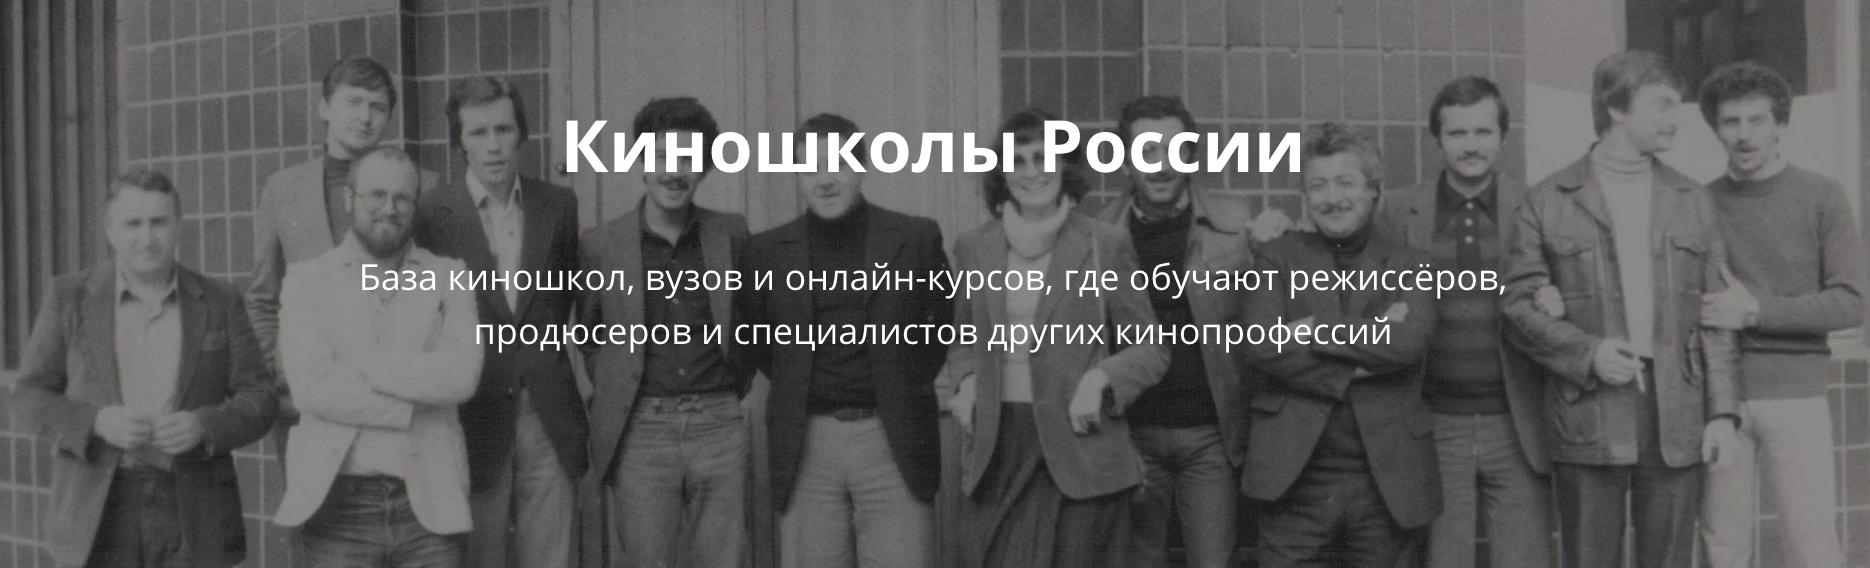 Киношколы России, Москвы, Санкт-